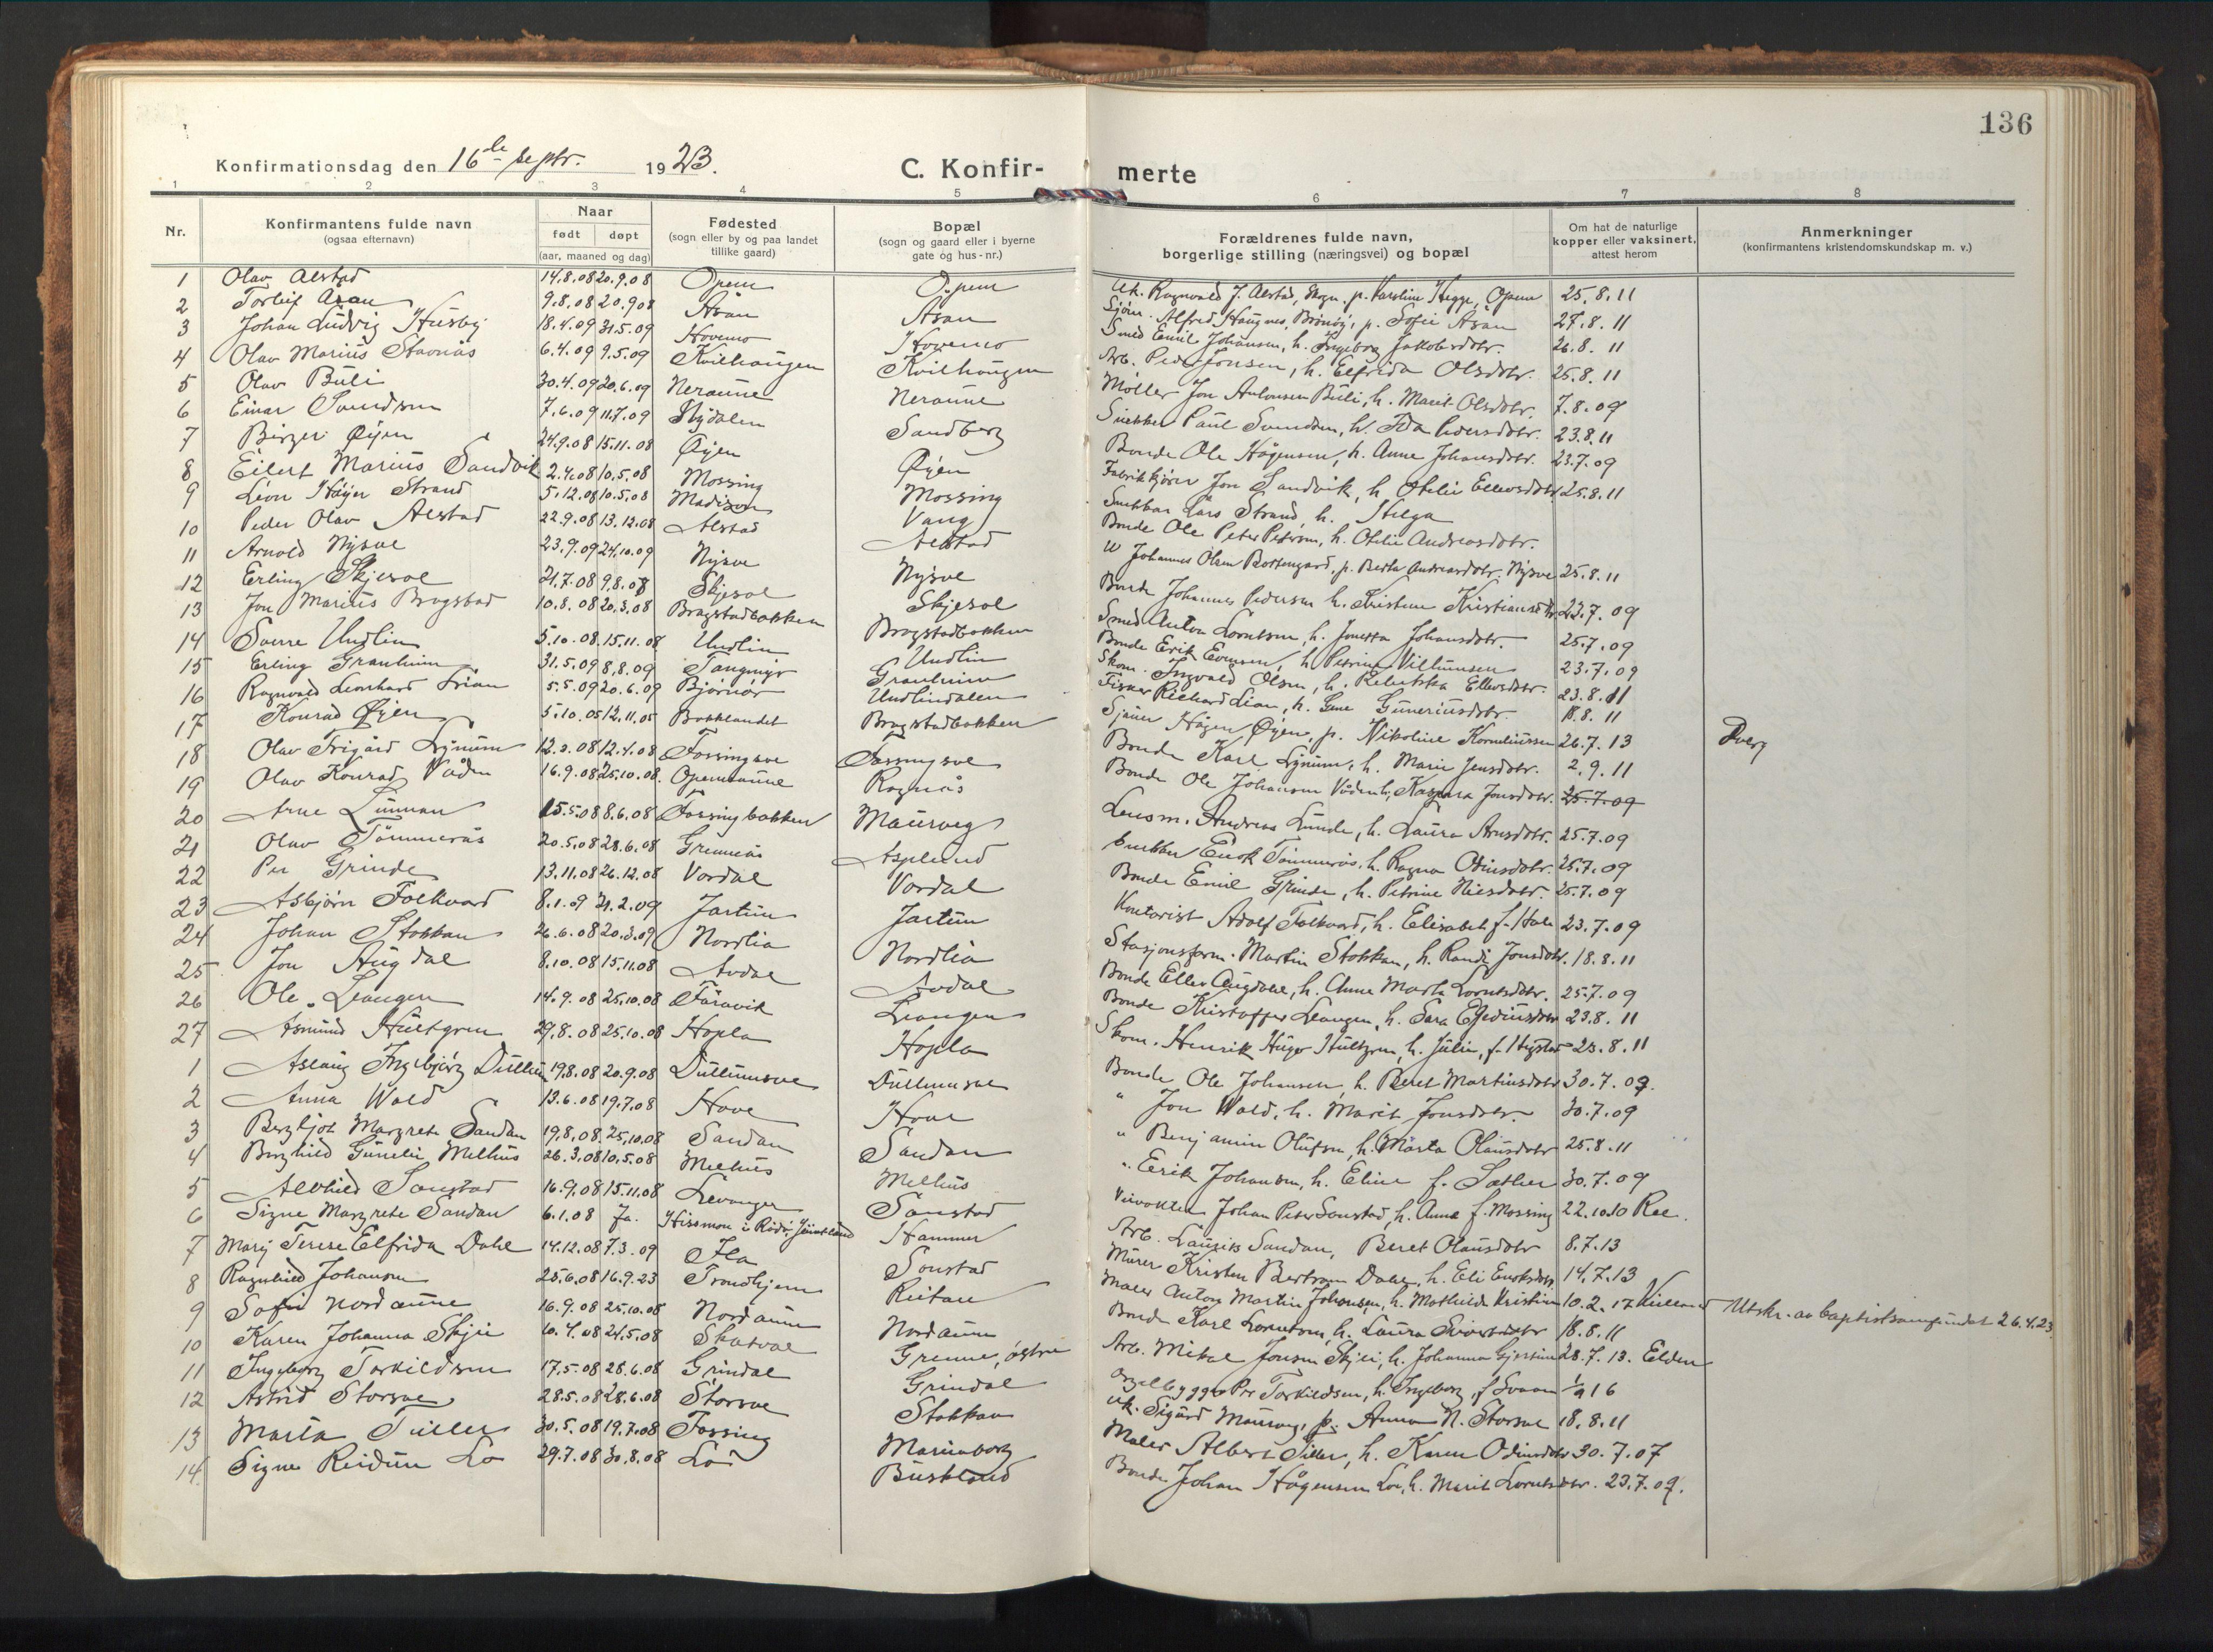 SAT, Ministerialprotokoller, klokkerbøker og fødselsregistre - Nord-Trøndelag, 714/L0136: Klokkerbok nr. 714C05, 1918-1957, s. 136